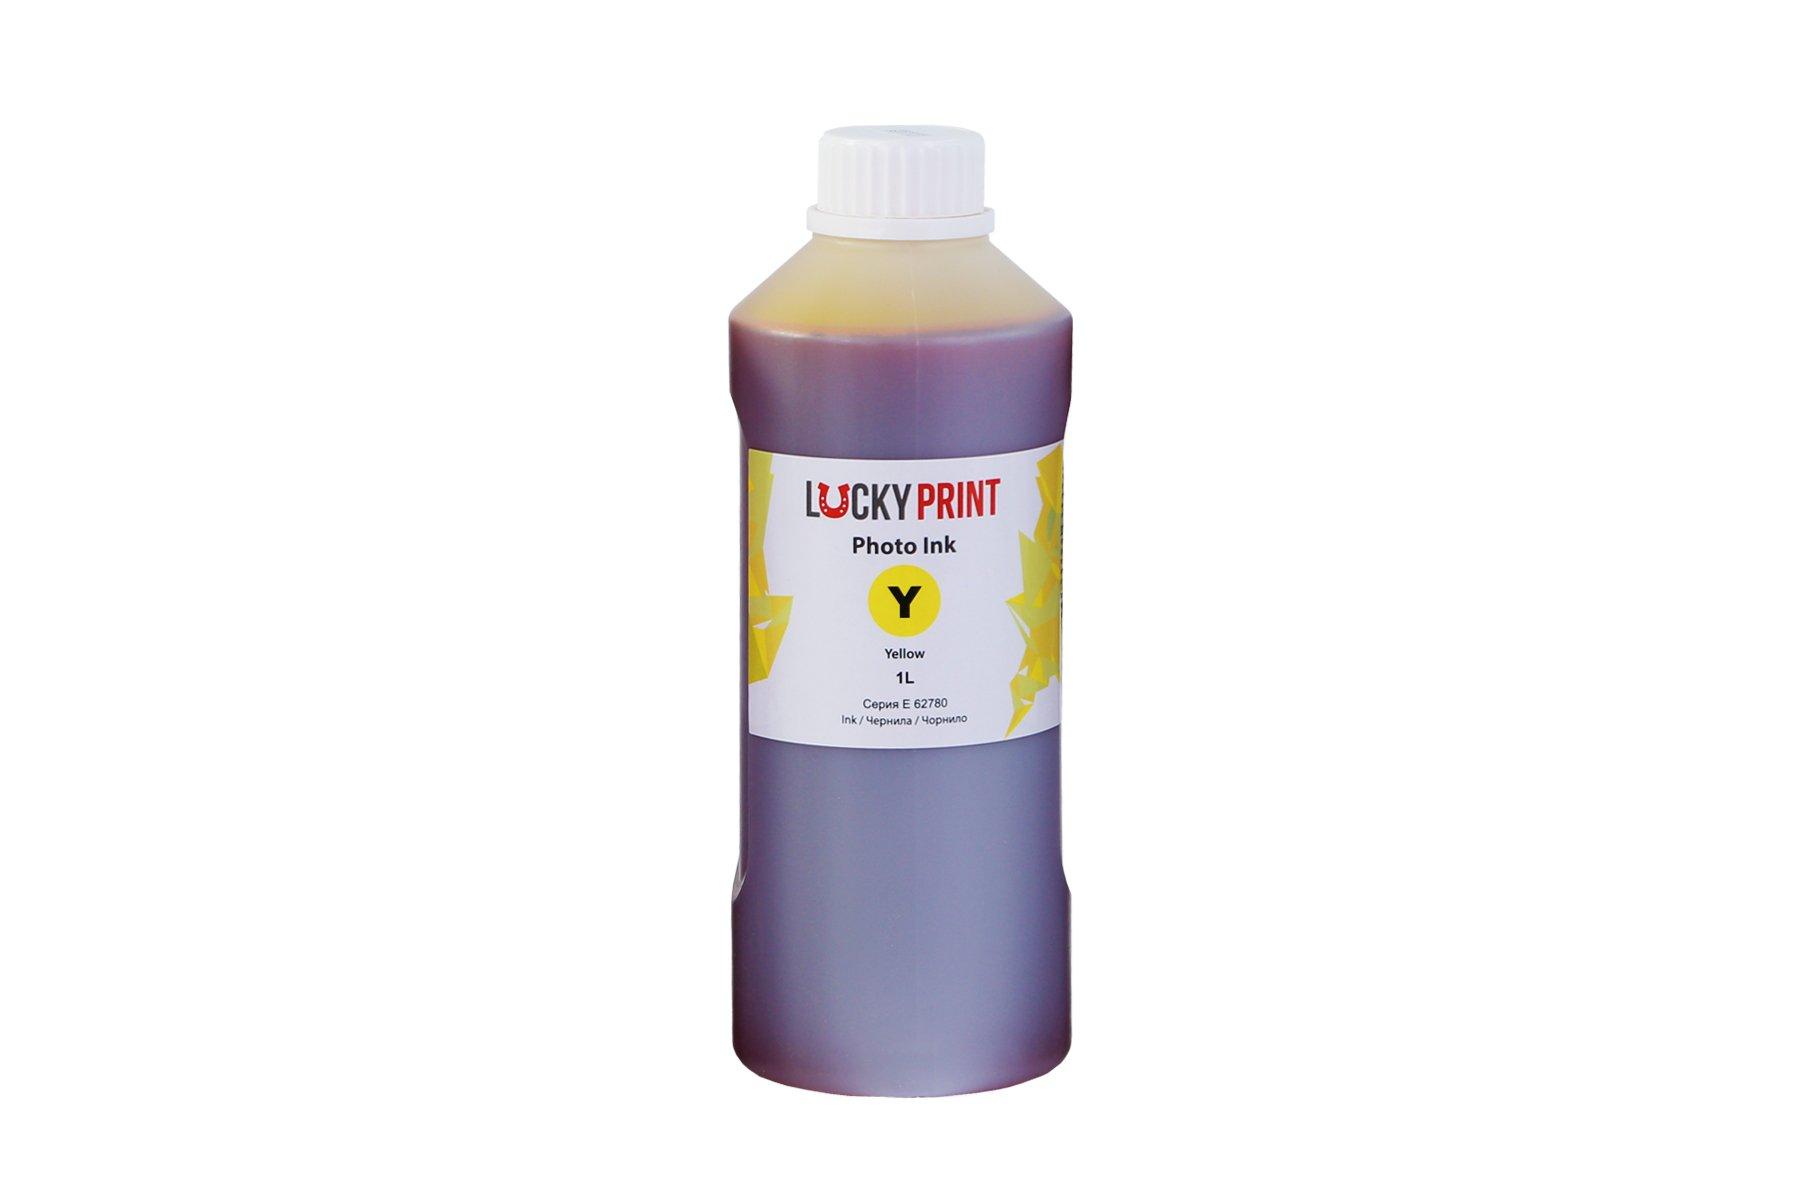 Купить Фоточернила (водорастворимые) Lucky Print для Epson L810 Yellow (1L)